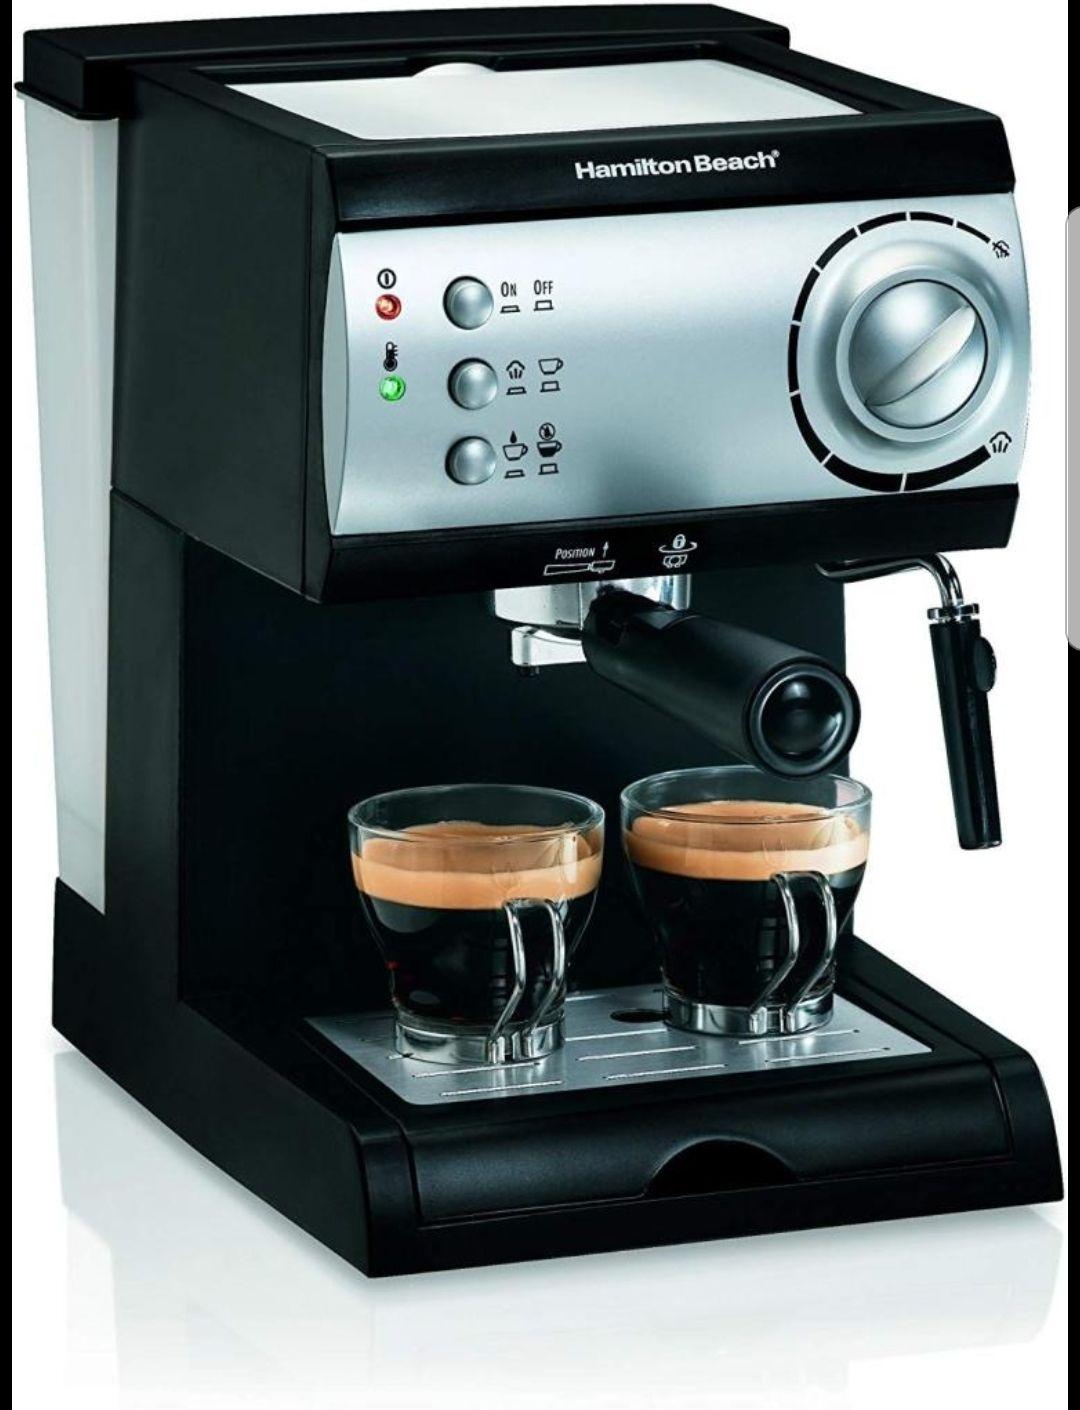 Soriana: Unicornio  Cafetera Hamilton Beach Espresso 2 tazas (y otras ofertas)